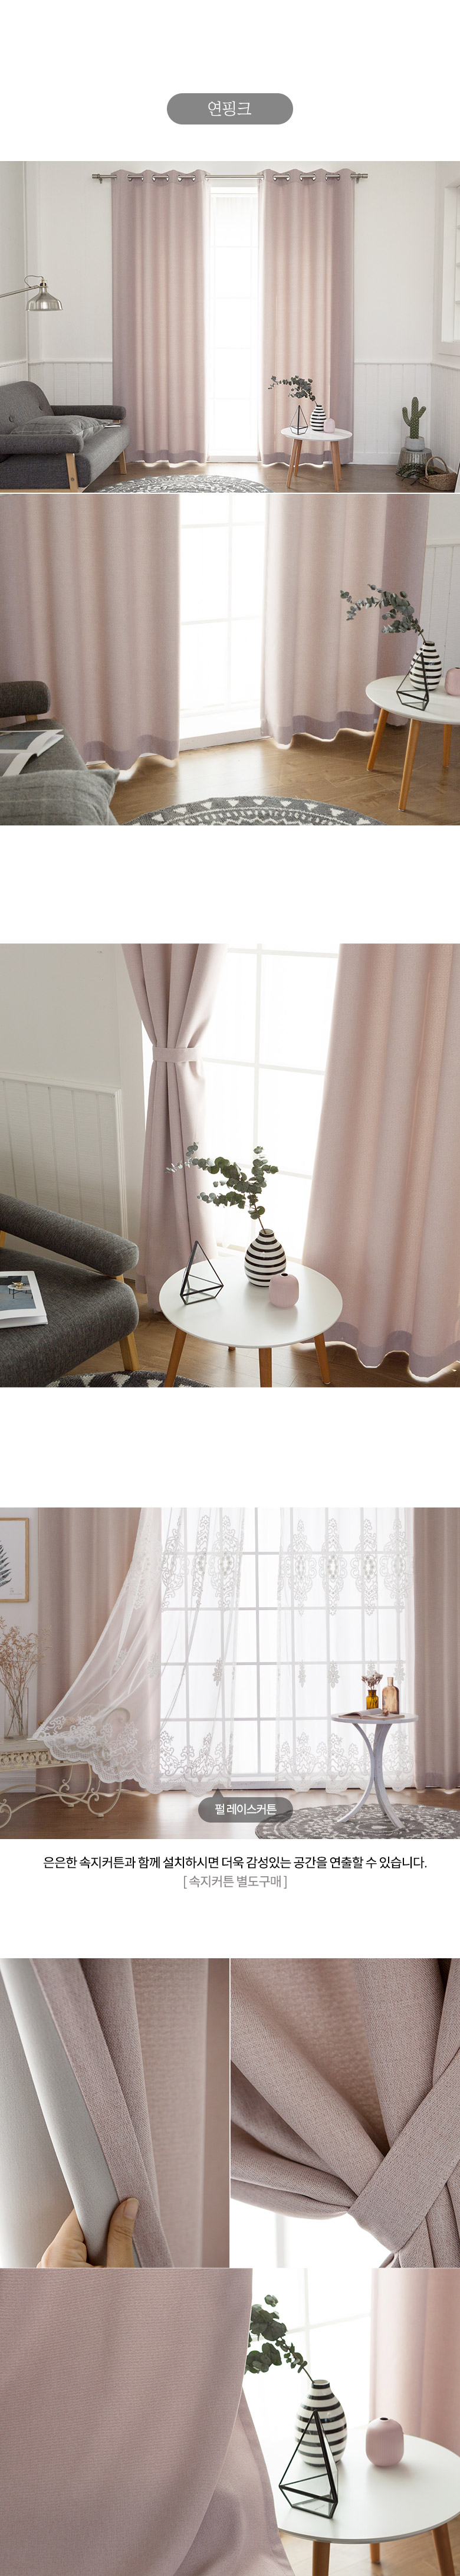 린넨룩모카 호텔식 긴창 암막커튼 1장 - 비에이치에프, 19,900원, 암막커튼, 무지/솔리드